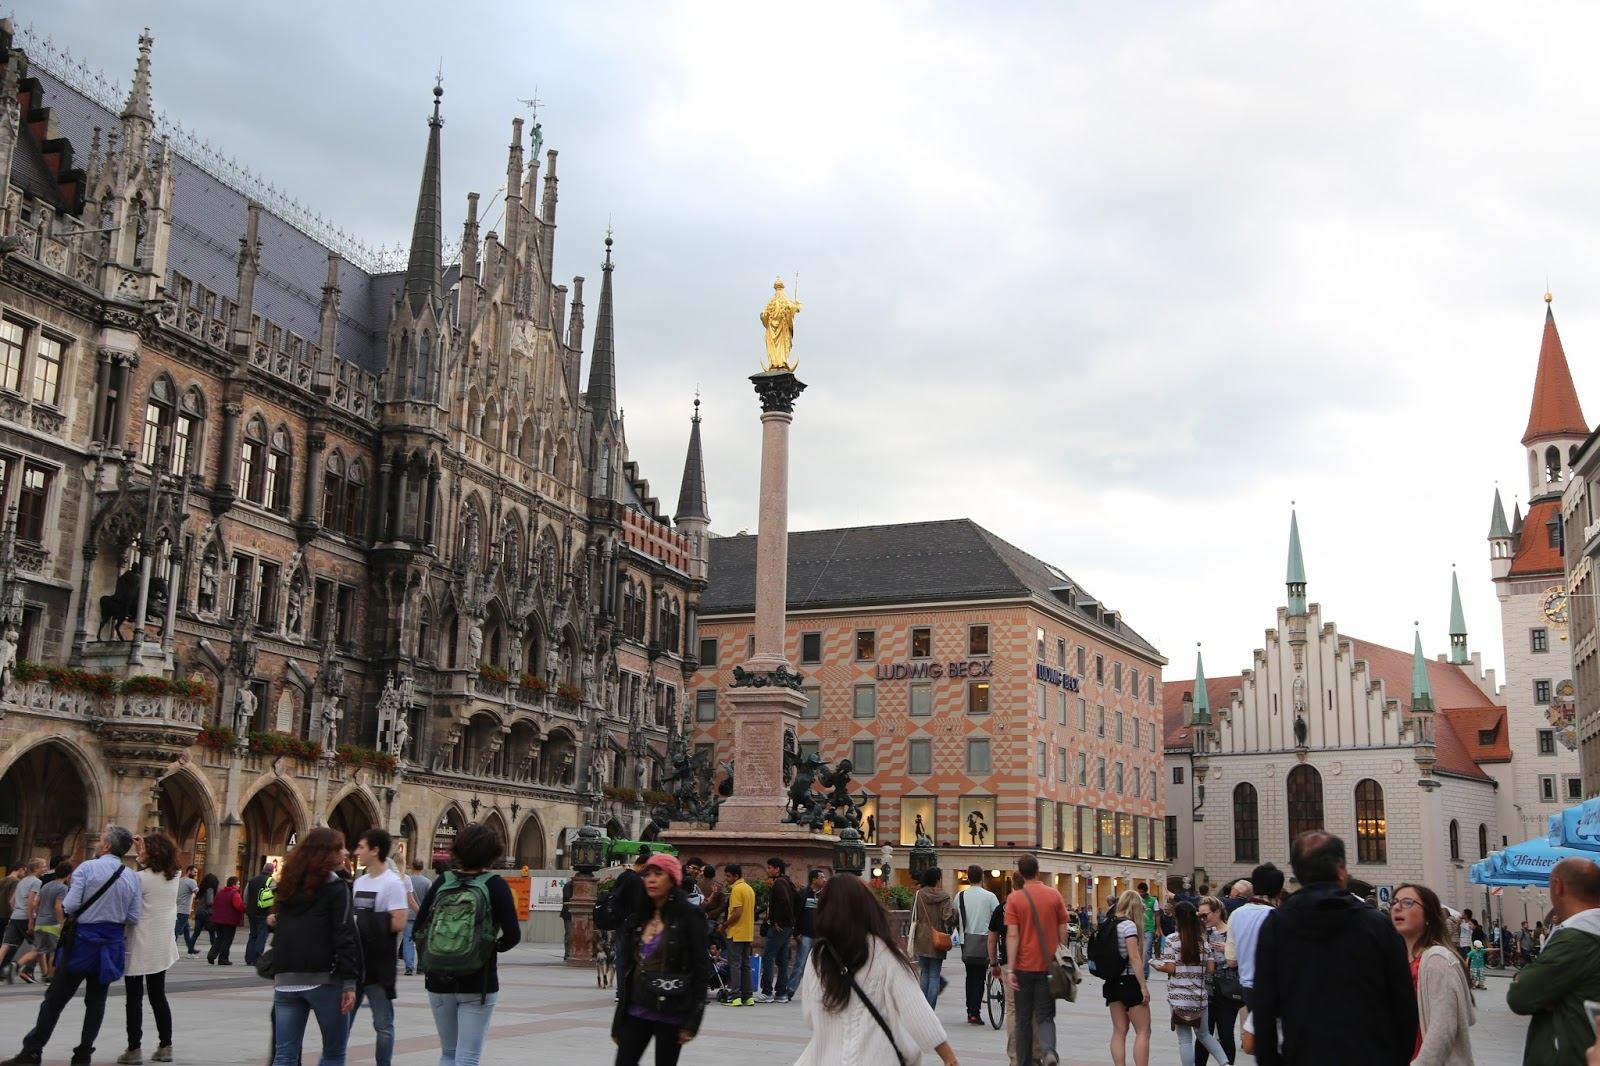 喜歡大自然: 德國--慕尼黑瑪利亞廣場